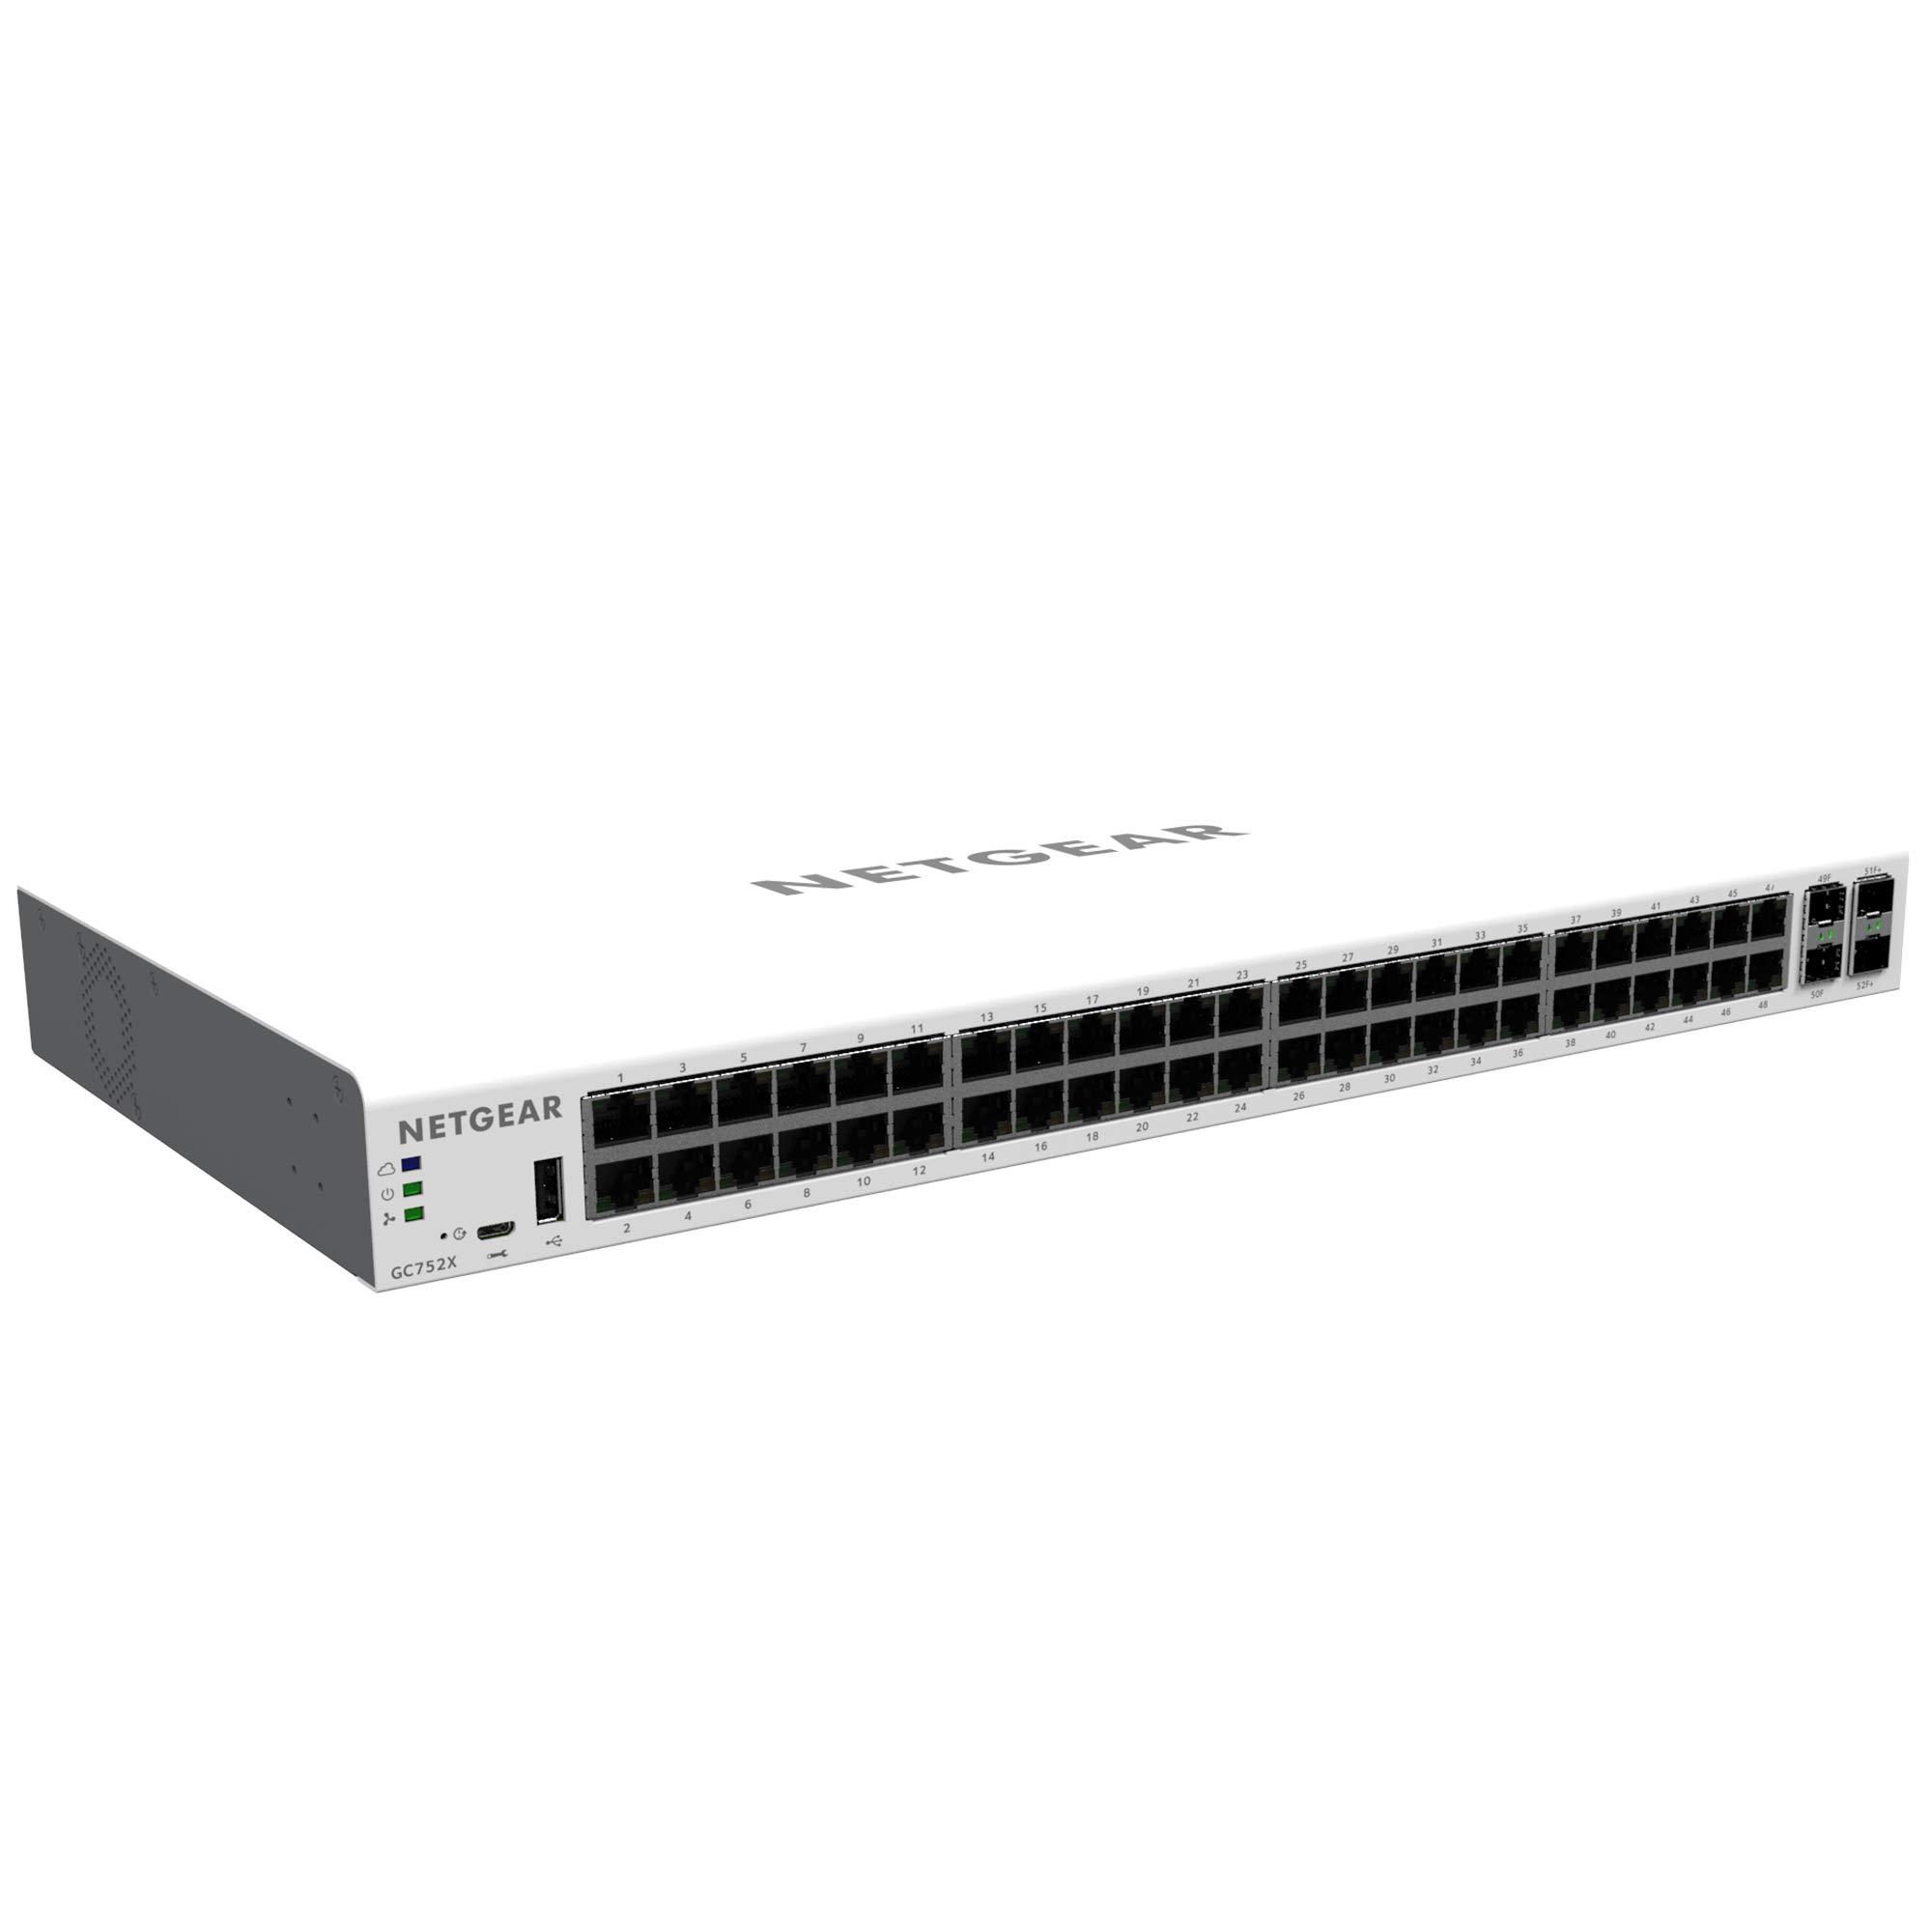 NETGEAR 52-Port Gigabit Ethernet Insight Managed Smart Cloud Switch (GC752X) - with 2 x 1G SFP and 2 x 10G SFP+, Desktop/Rackmount by NETGEAR